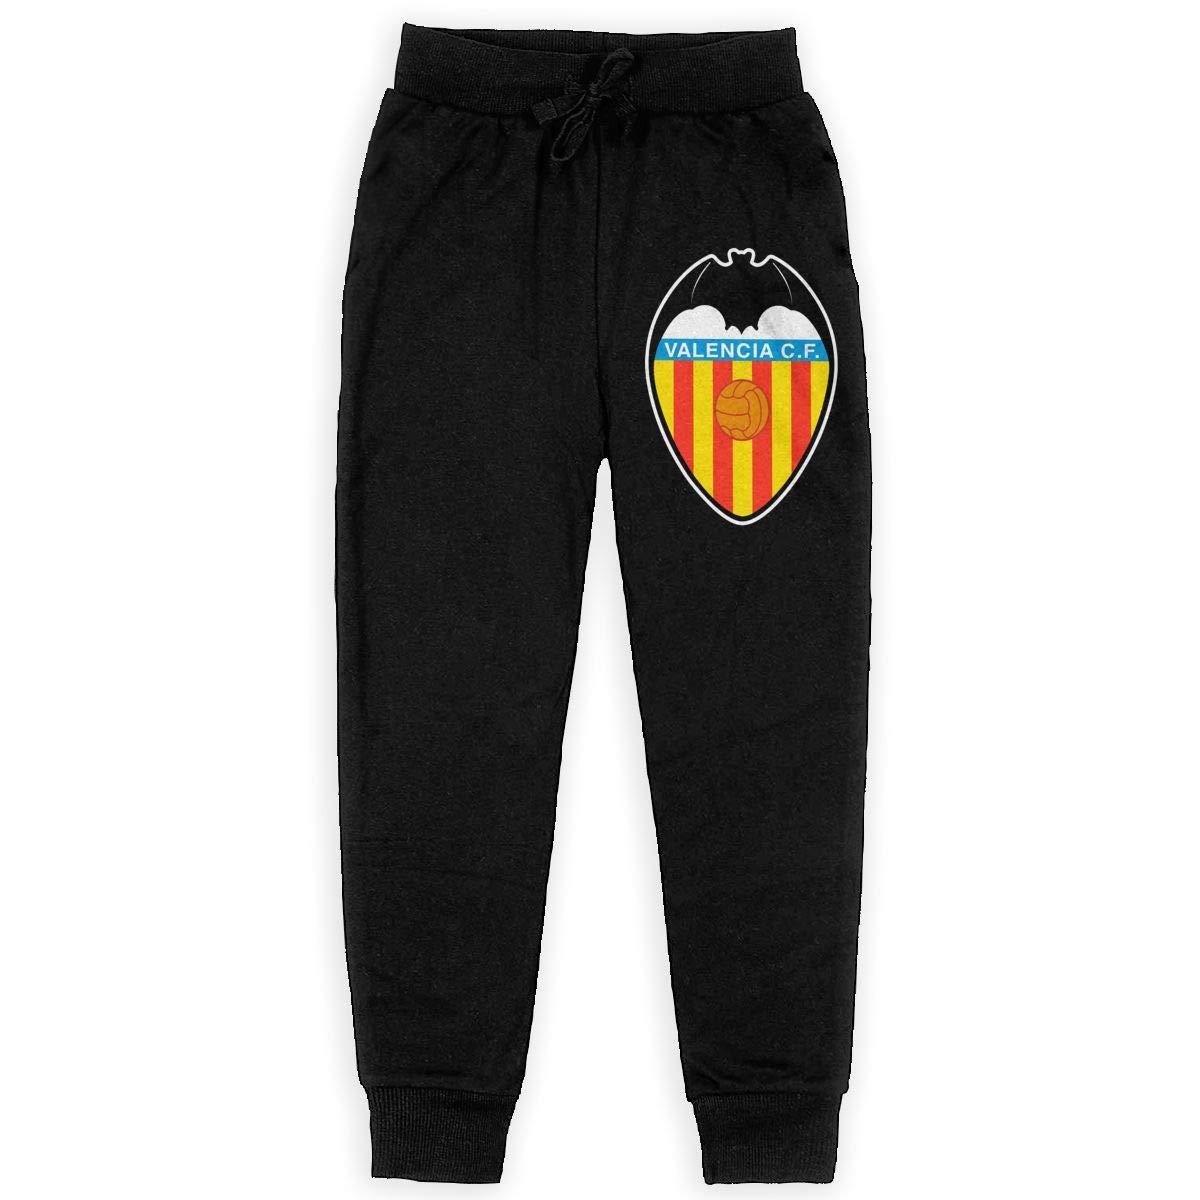 Njaminous Valencia FC Pantalones De Chándal Niños Y Niñas, para La ...